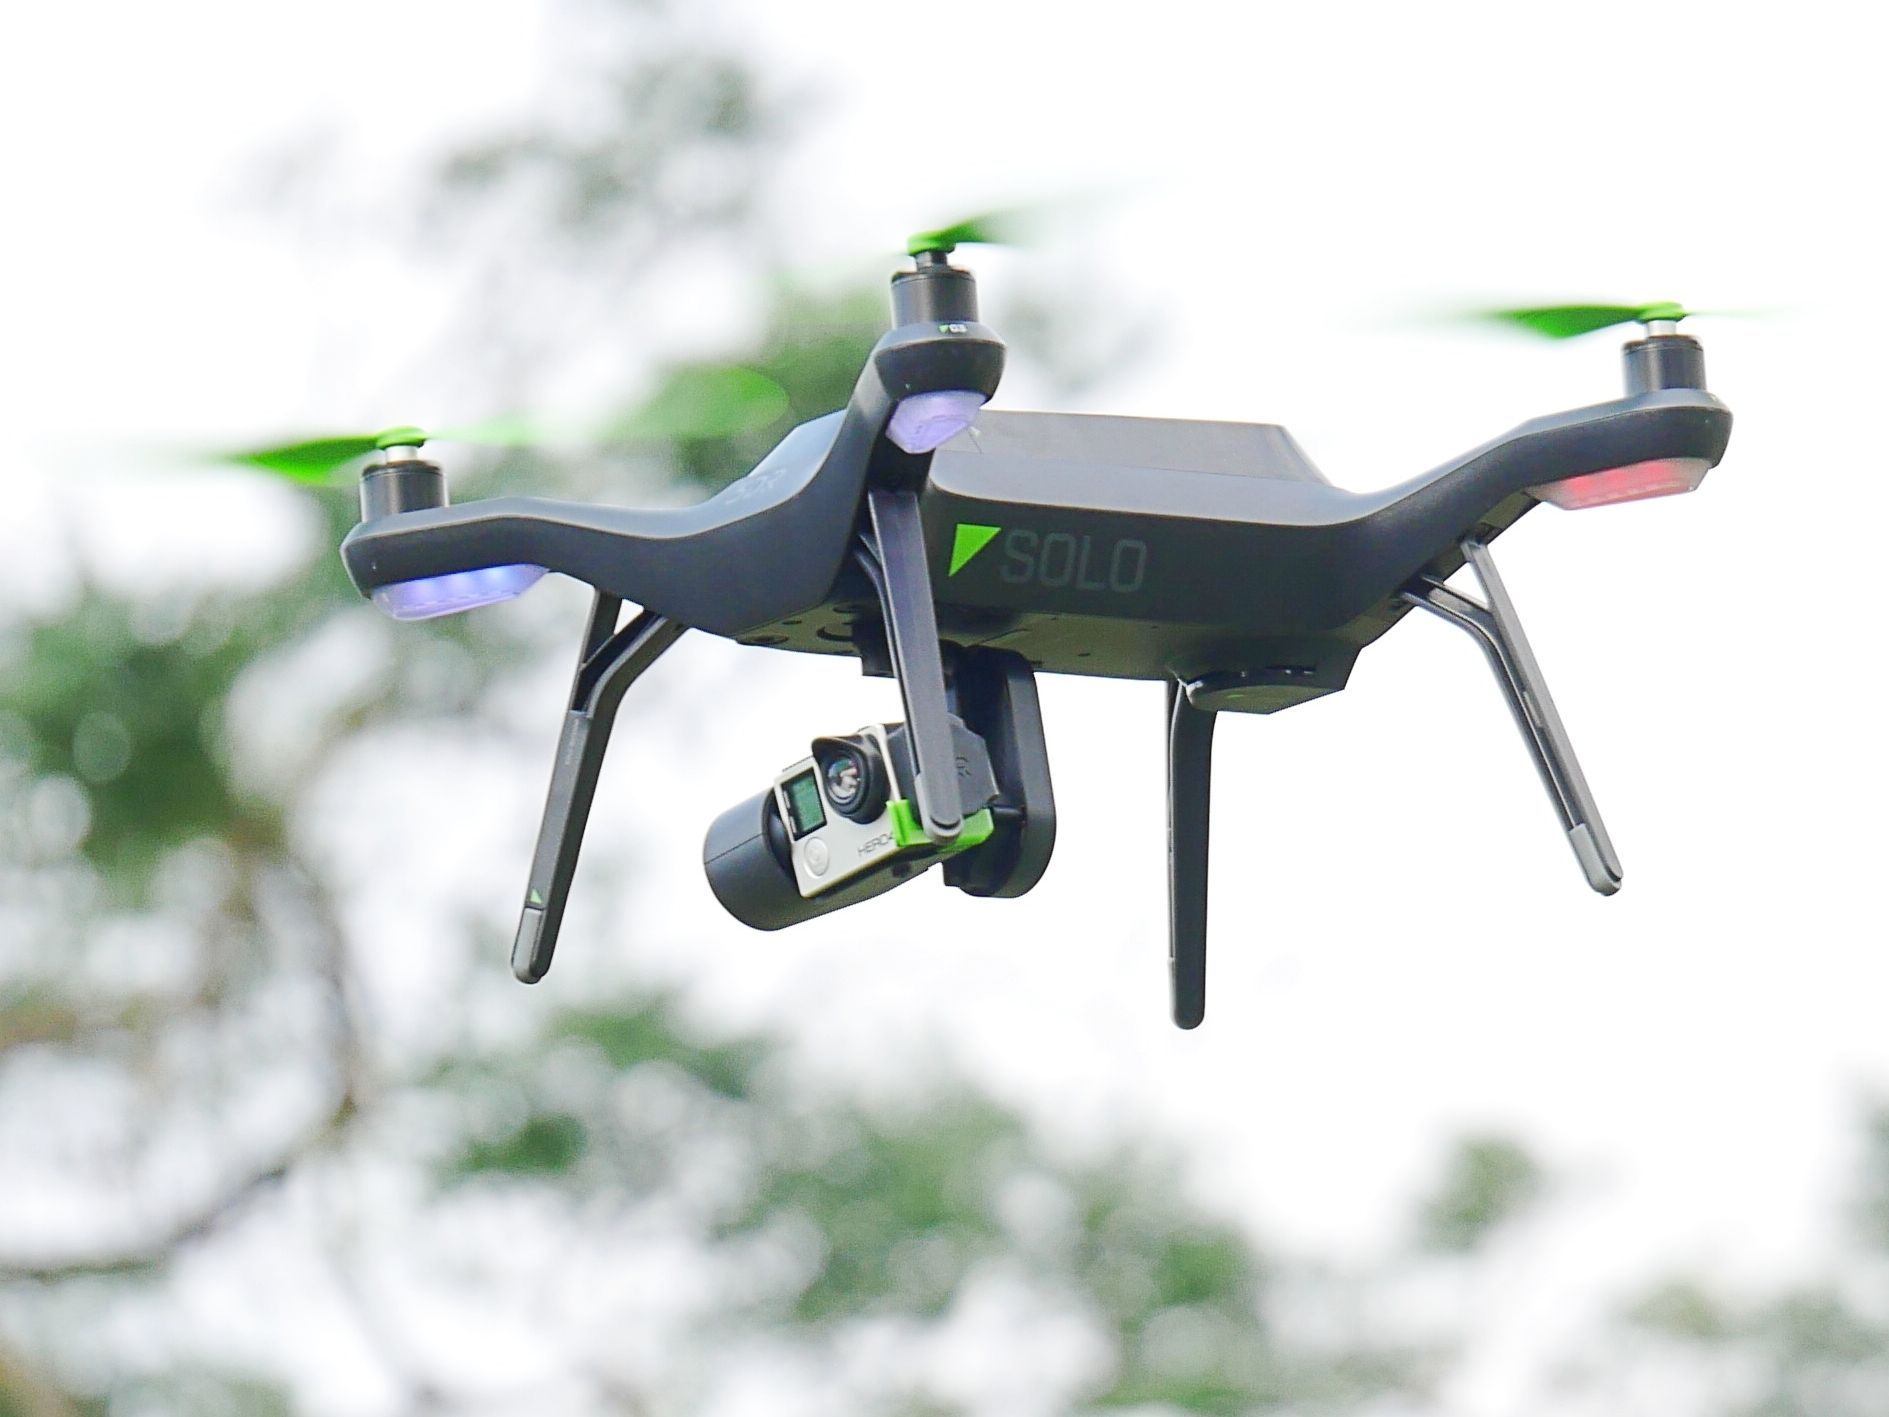 內建「黑盒子」的空拍機 3DR SOLO,若機械故障墜機原廠就賠你一台新的!